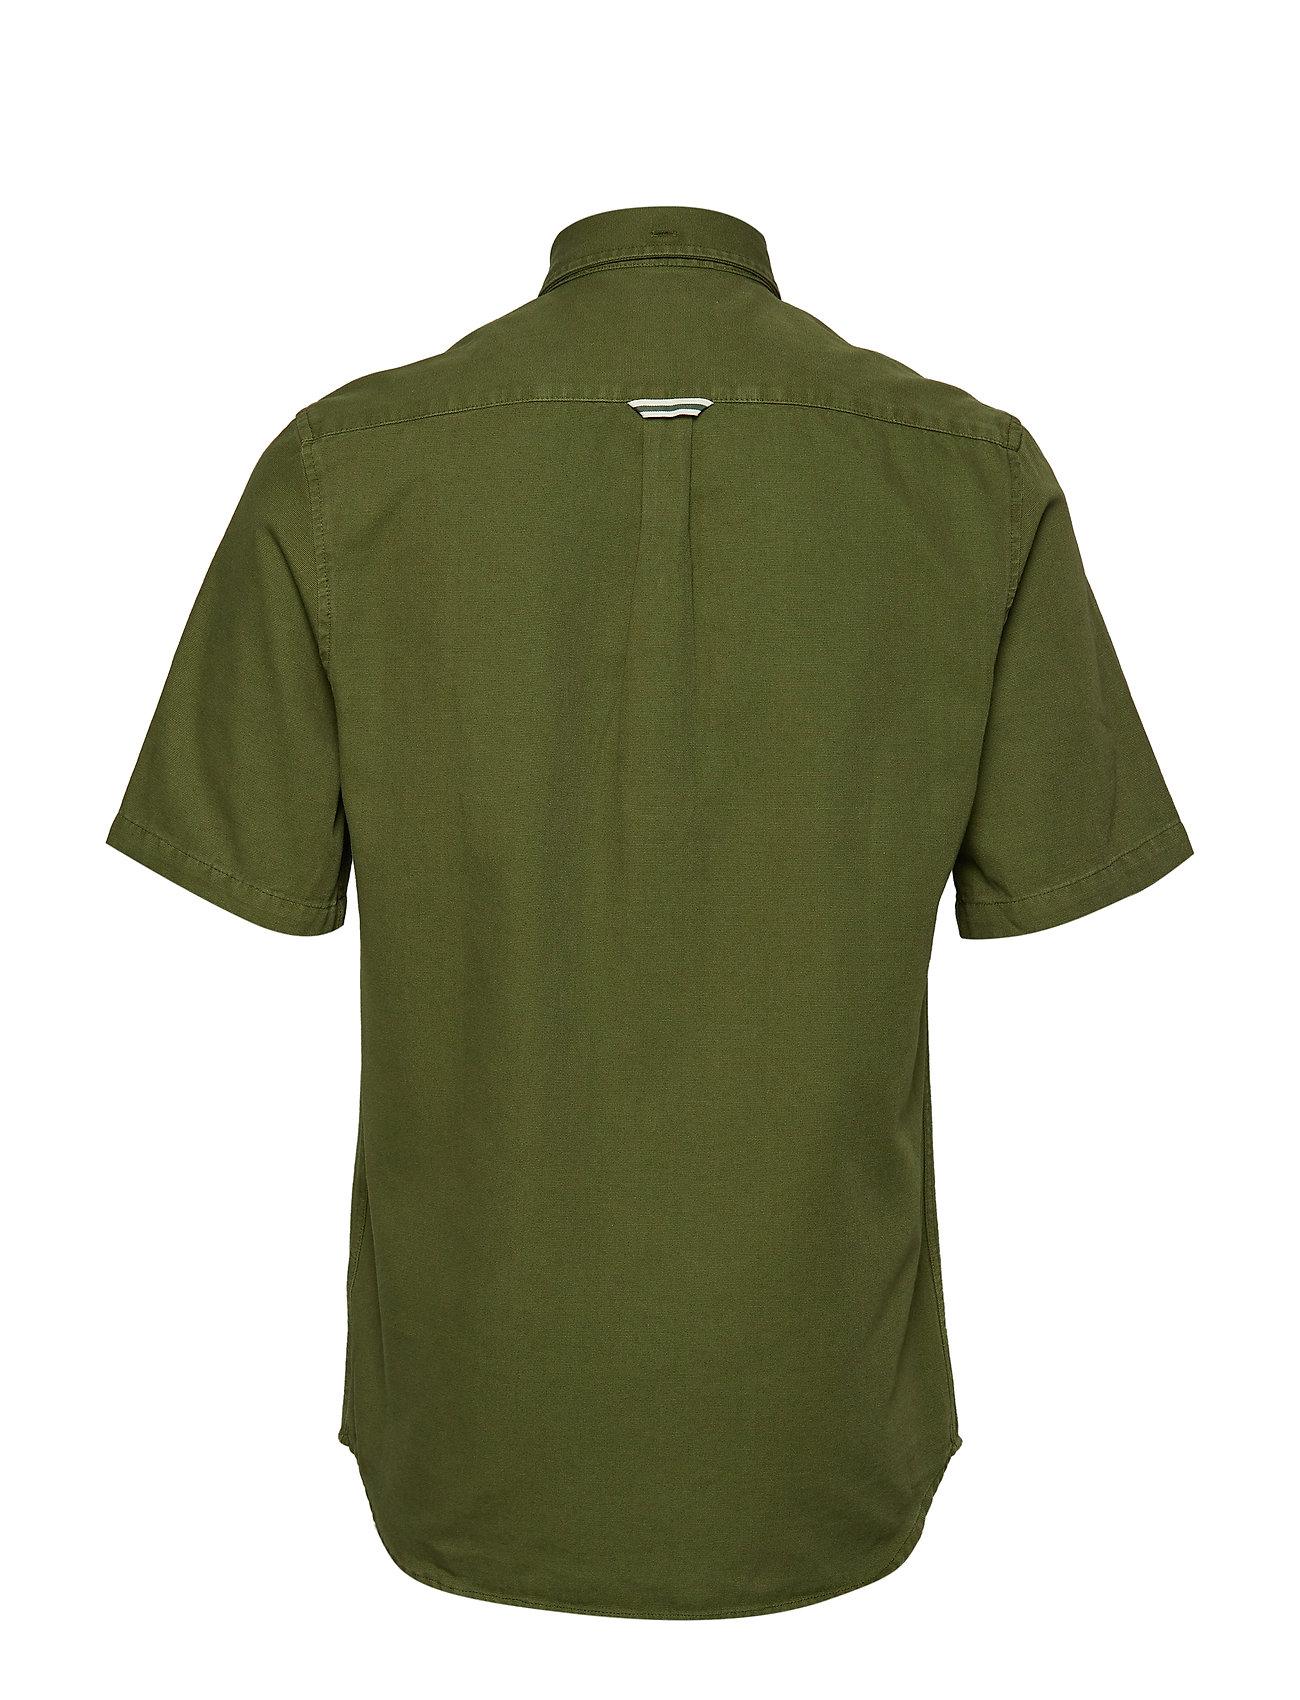 Cub Shirt Cub S Shirt S sArmyarmyForét Shirt sArmyarmyForét S Cub Cub sArmyarmyForét Shirt cT1JlFK3